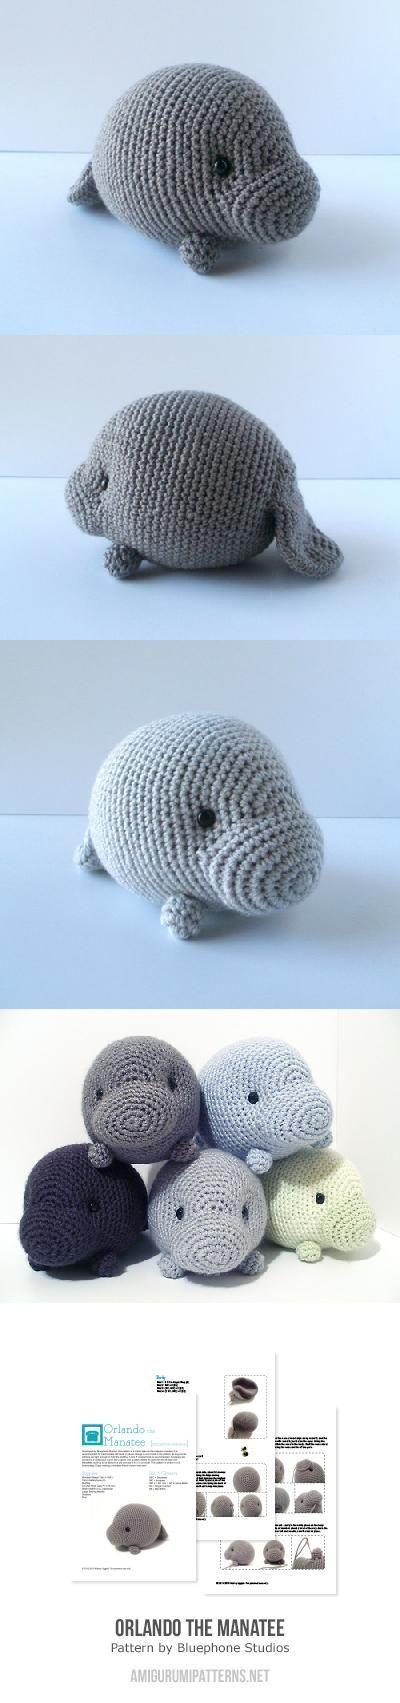 Found at Amigurumipatterns.net: